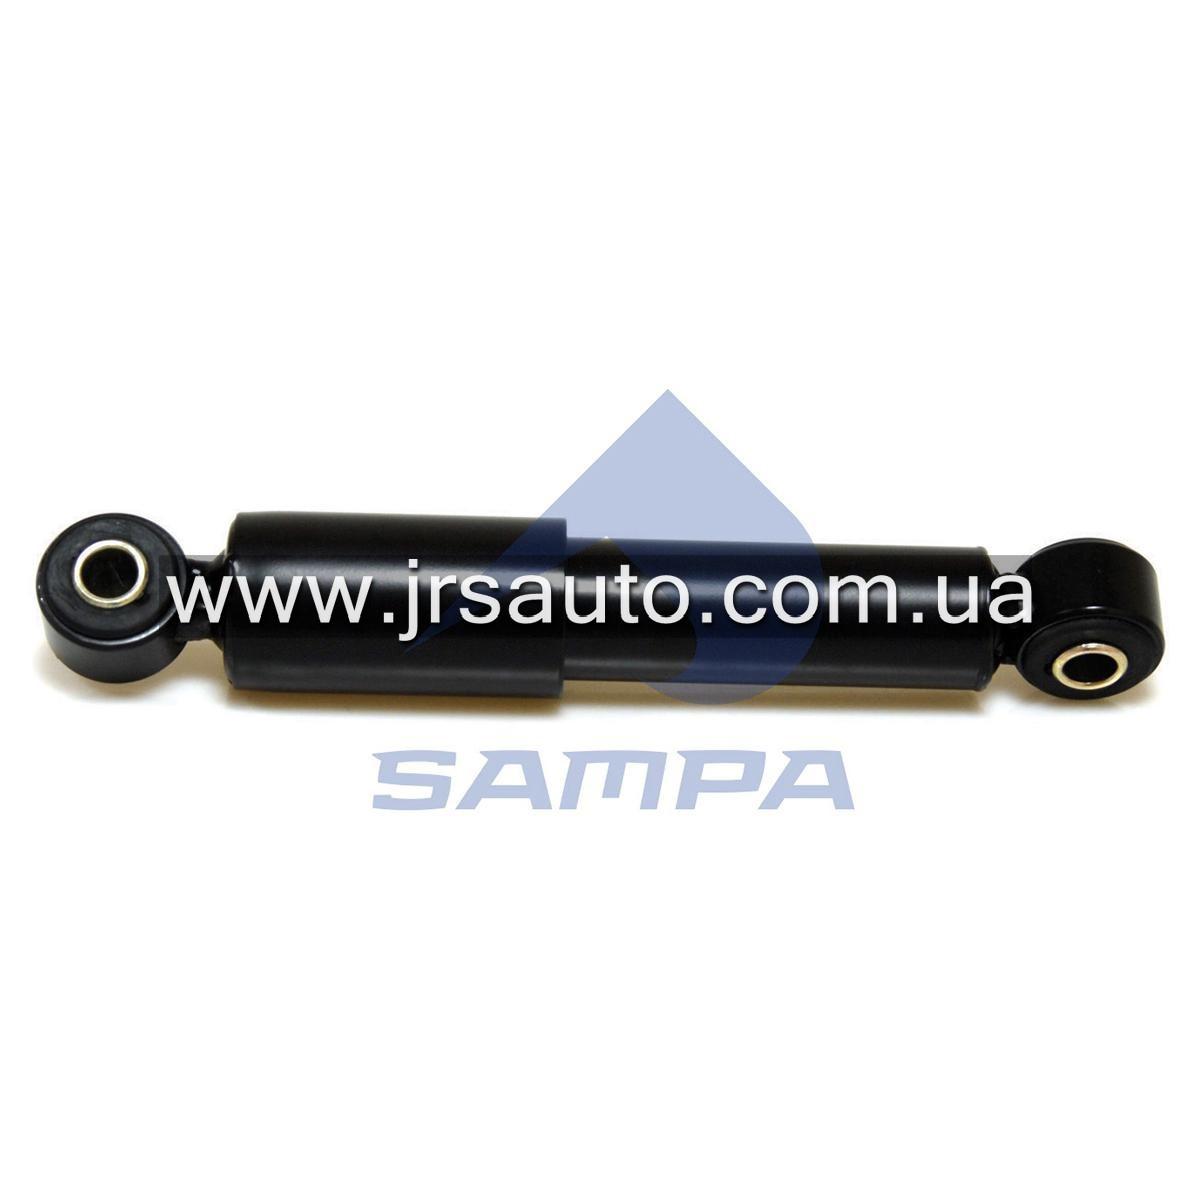 Амортизатор BPW (d20/d22xd63,5/d76x413/679) \0237021400 \ 070.226